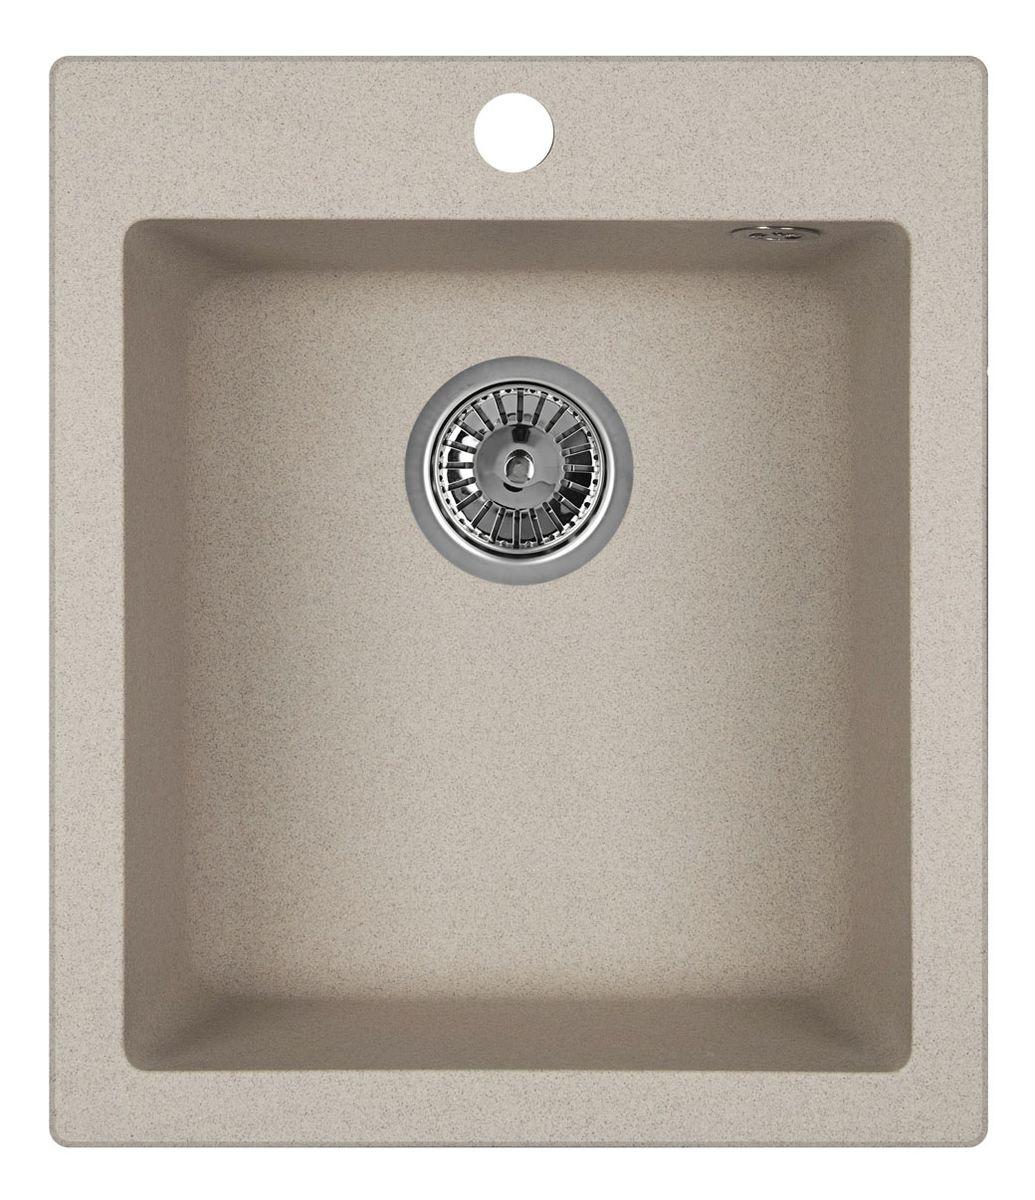 Мойка Weissgauff Quadro 420 Eco Granit, цвет: серый беж, 41,5 х 19,5 х 49,0 см306174Гранитные мойки Weissgauff Eco Granit – классическая коллекция моек, изготовленных из специально подобранных композитных материалов , содержащих оптимальное сочетание 80% каменной массы высокого качества и 20% связующих материалов. Оригинальный и функциональный дизайн - технология изготовления позволяет создавать любые цвета и формы, оптимальные для современных кухонь. Мойки Weissgauff легко подобрать к интерьеру любой кухни, для разных цветов и форм столешниц Влагостойкость - отталкивание влаги – одна из примечательных особенностей моек из искусственного камня за счет связующих композитных материалов, которые продлевают их срок службы и способствуют сохранению первоначального вида Термостойкость - подвергая мойки воздействию высоких температур, например, различными горячими жидкостями, будьте уверенны, что мойки Weissgauff – эталон стойкости и качества, так как они устойчивы к перепаду температур. Специальный состав моек Weisgauff избавляет от проблемы...